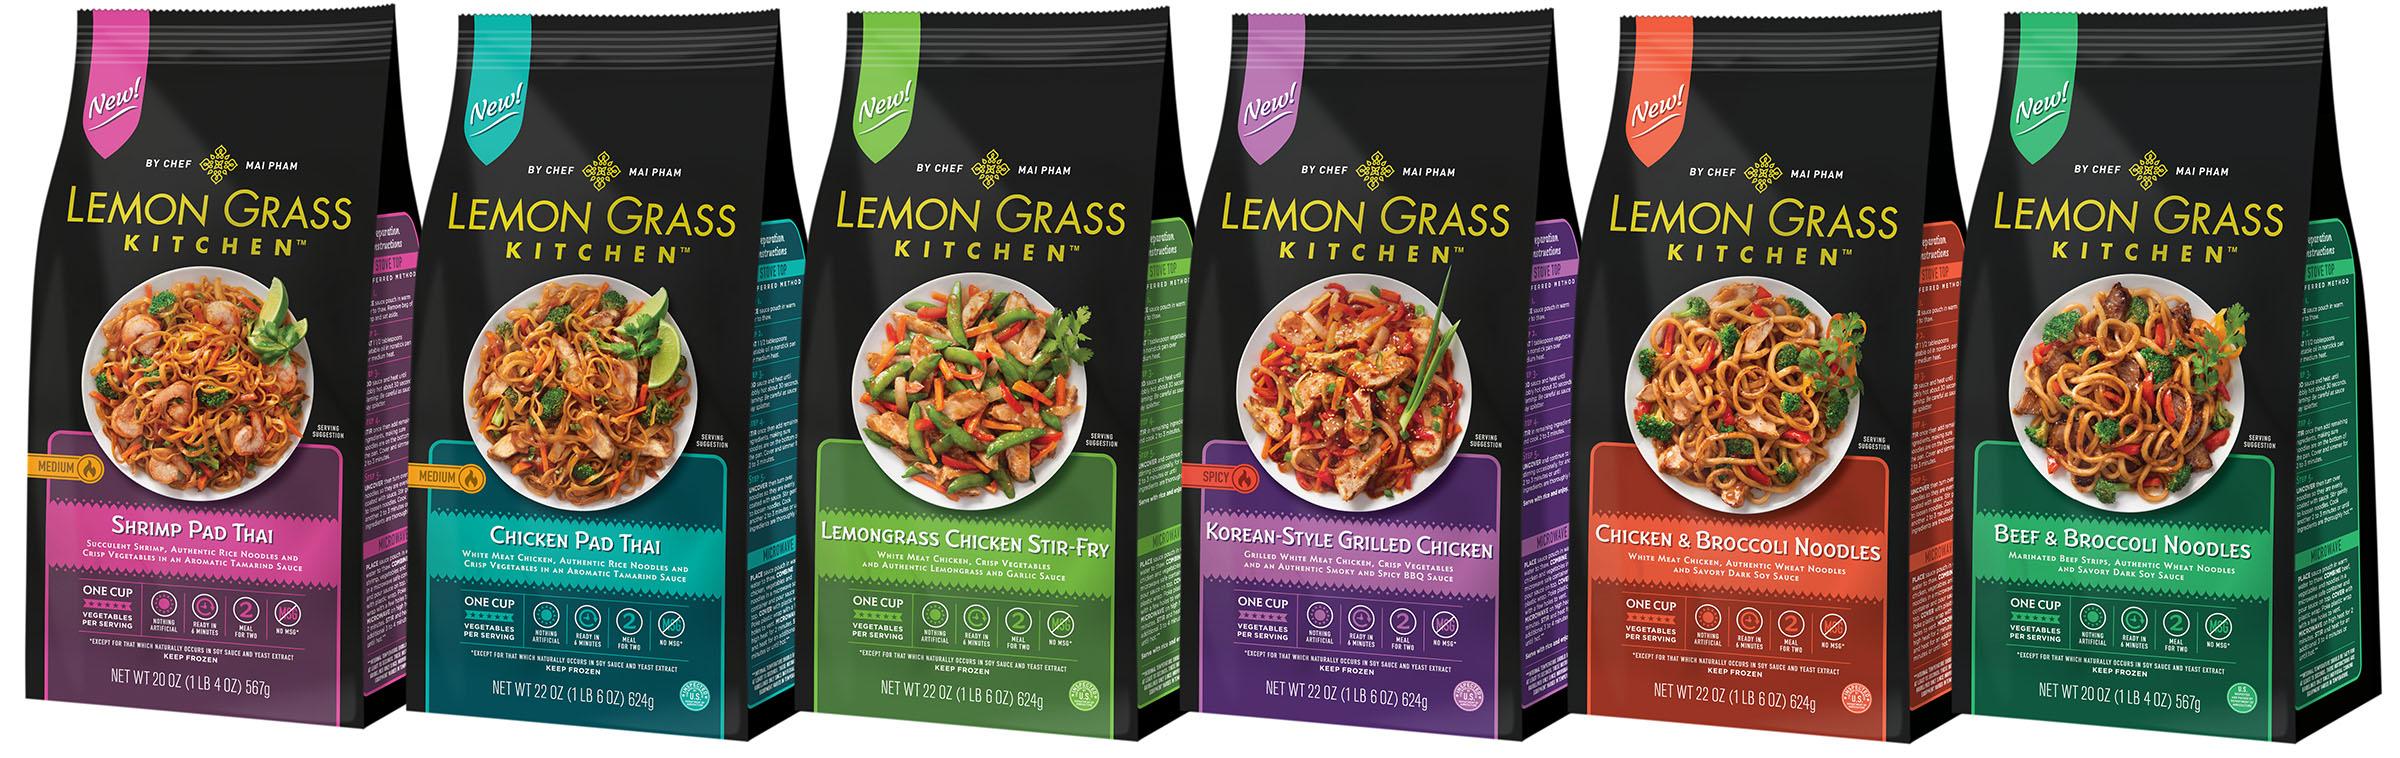 Lemongrass Kitchen Frozen Food Reviews